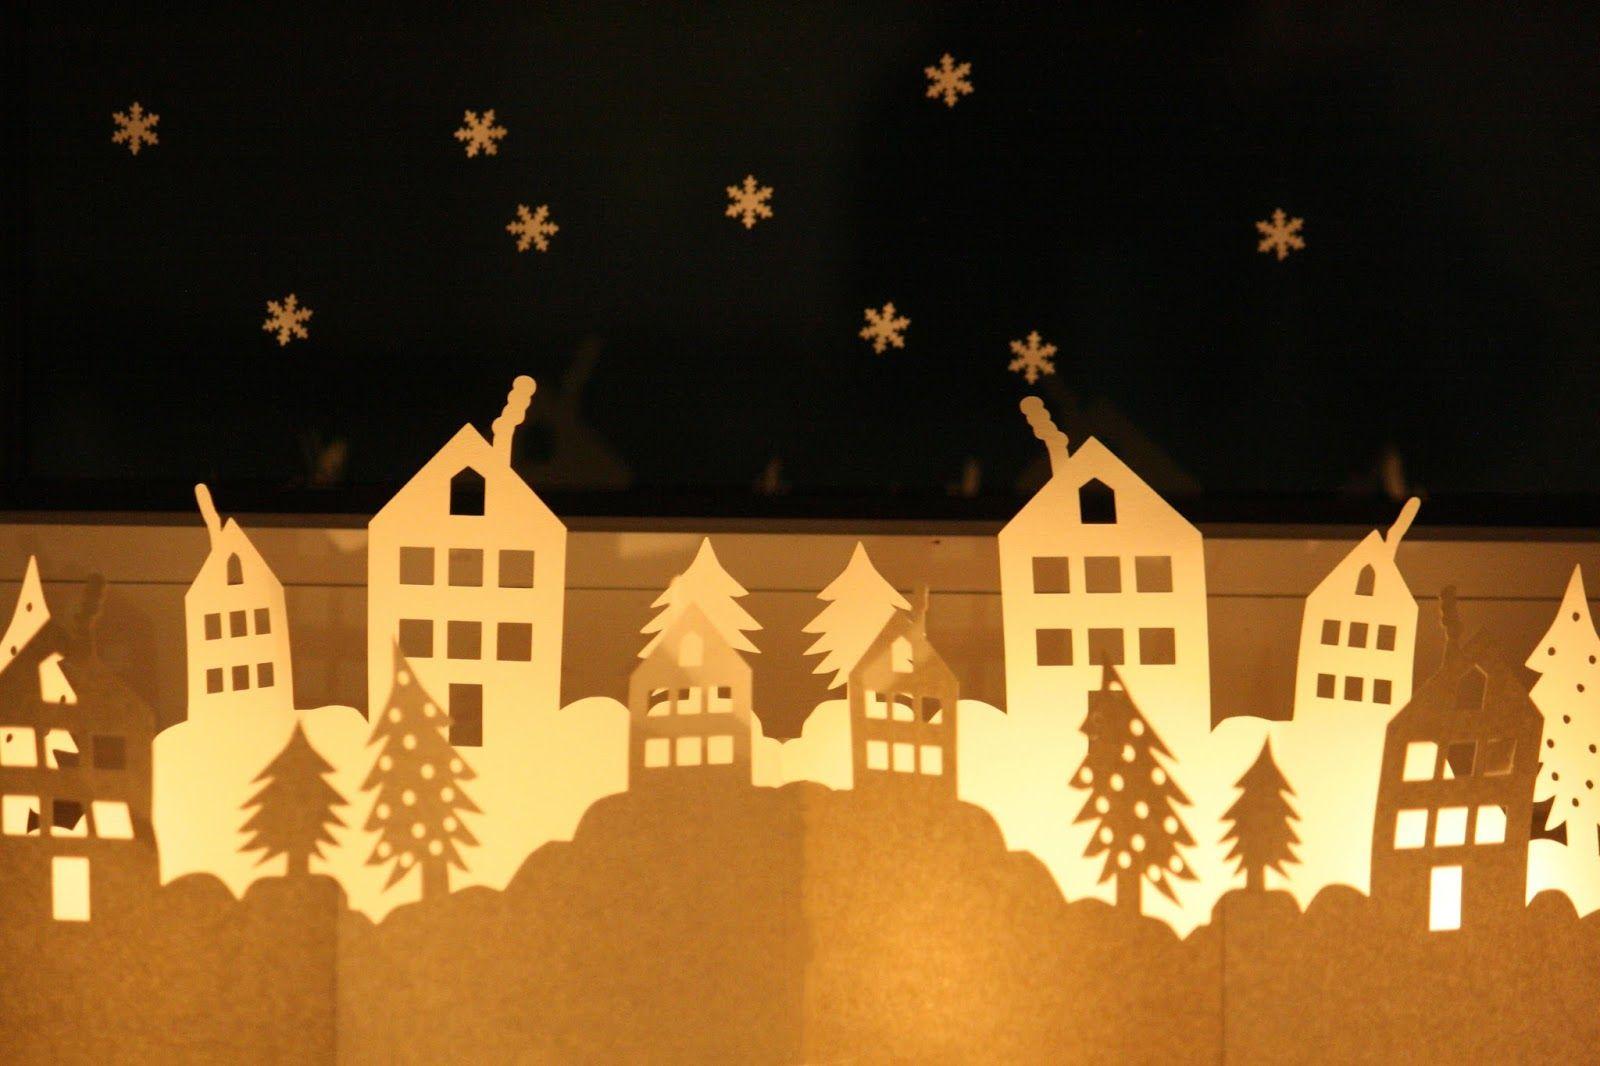 Freebie Winterwunderland | Weihnachten | Pinterest